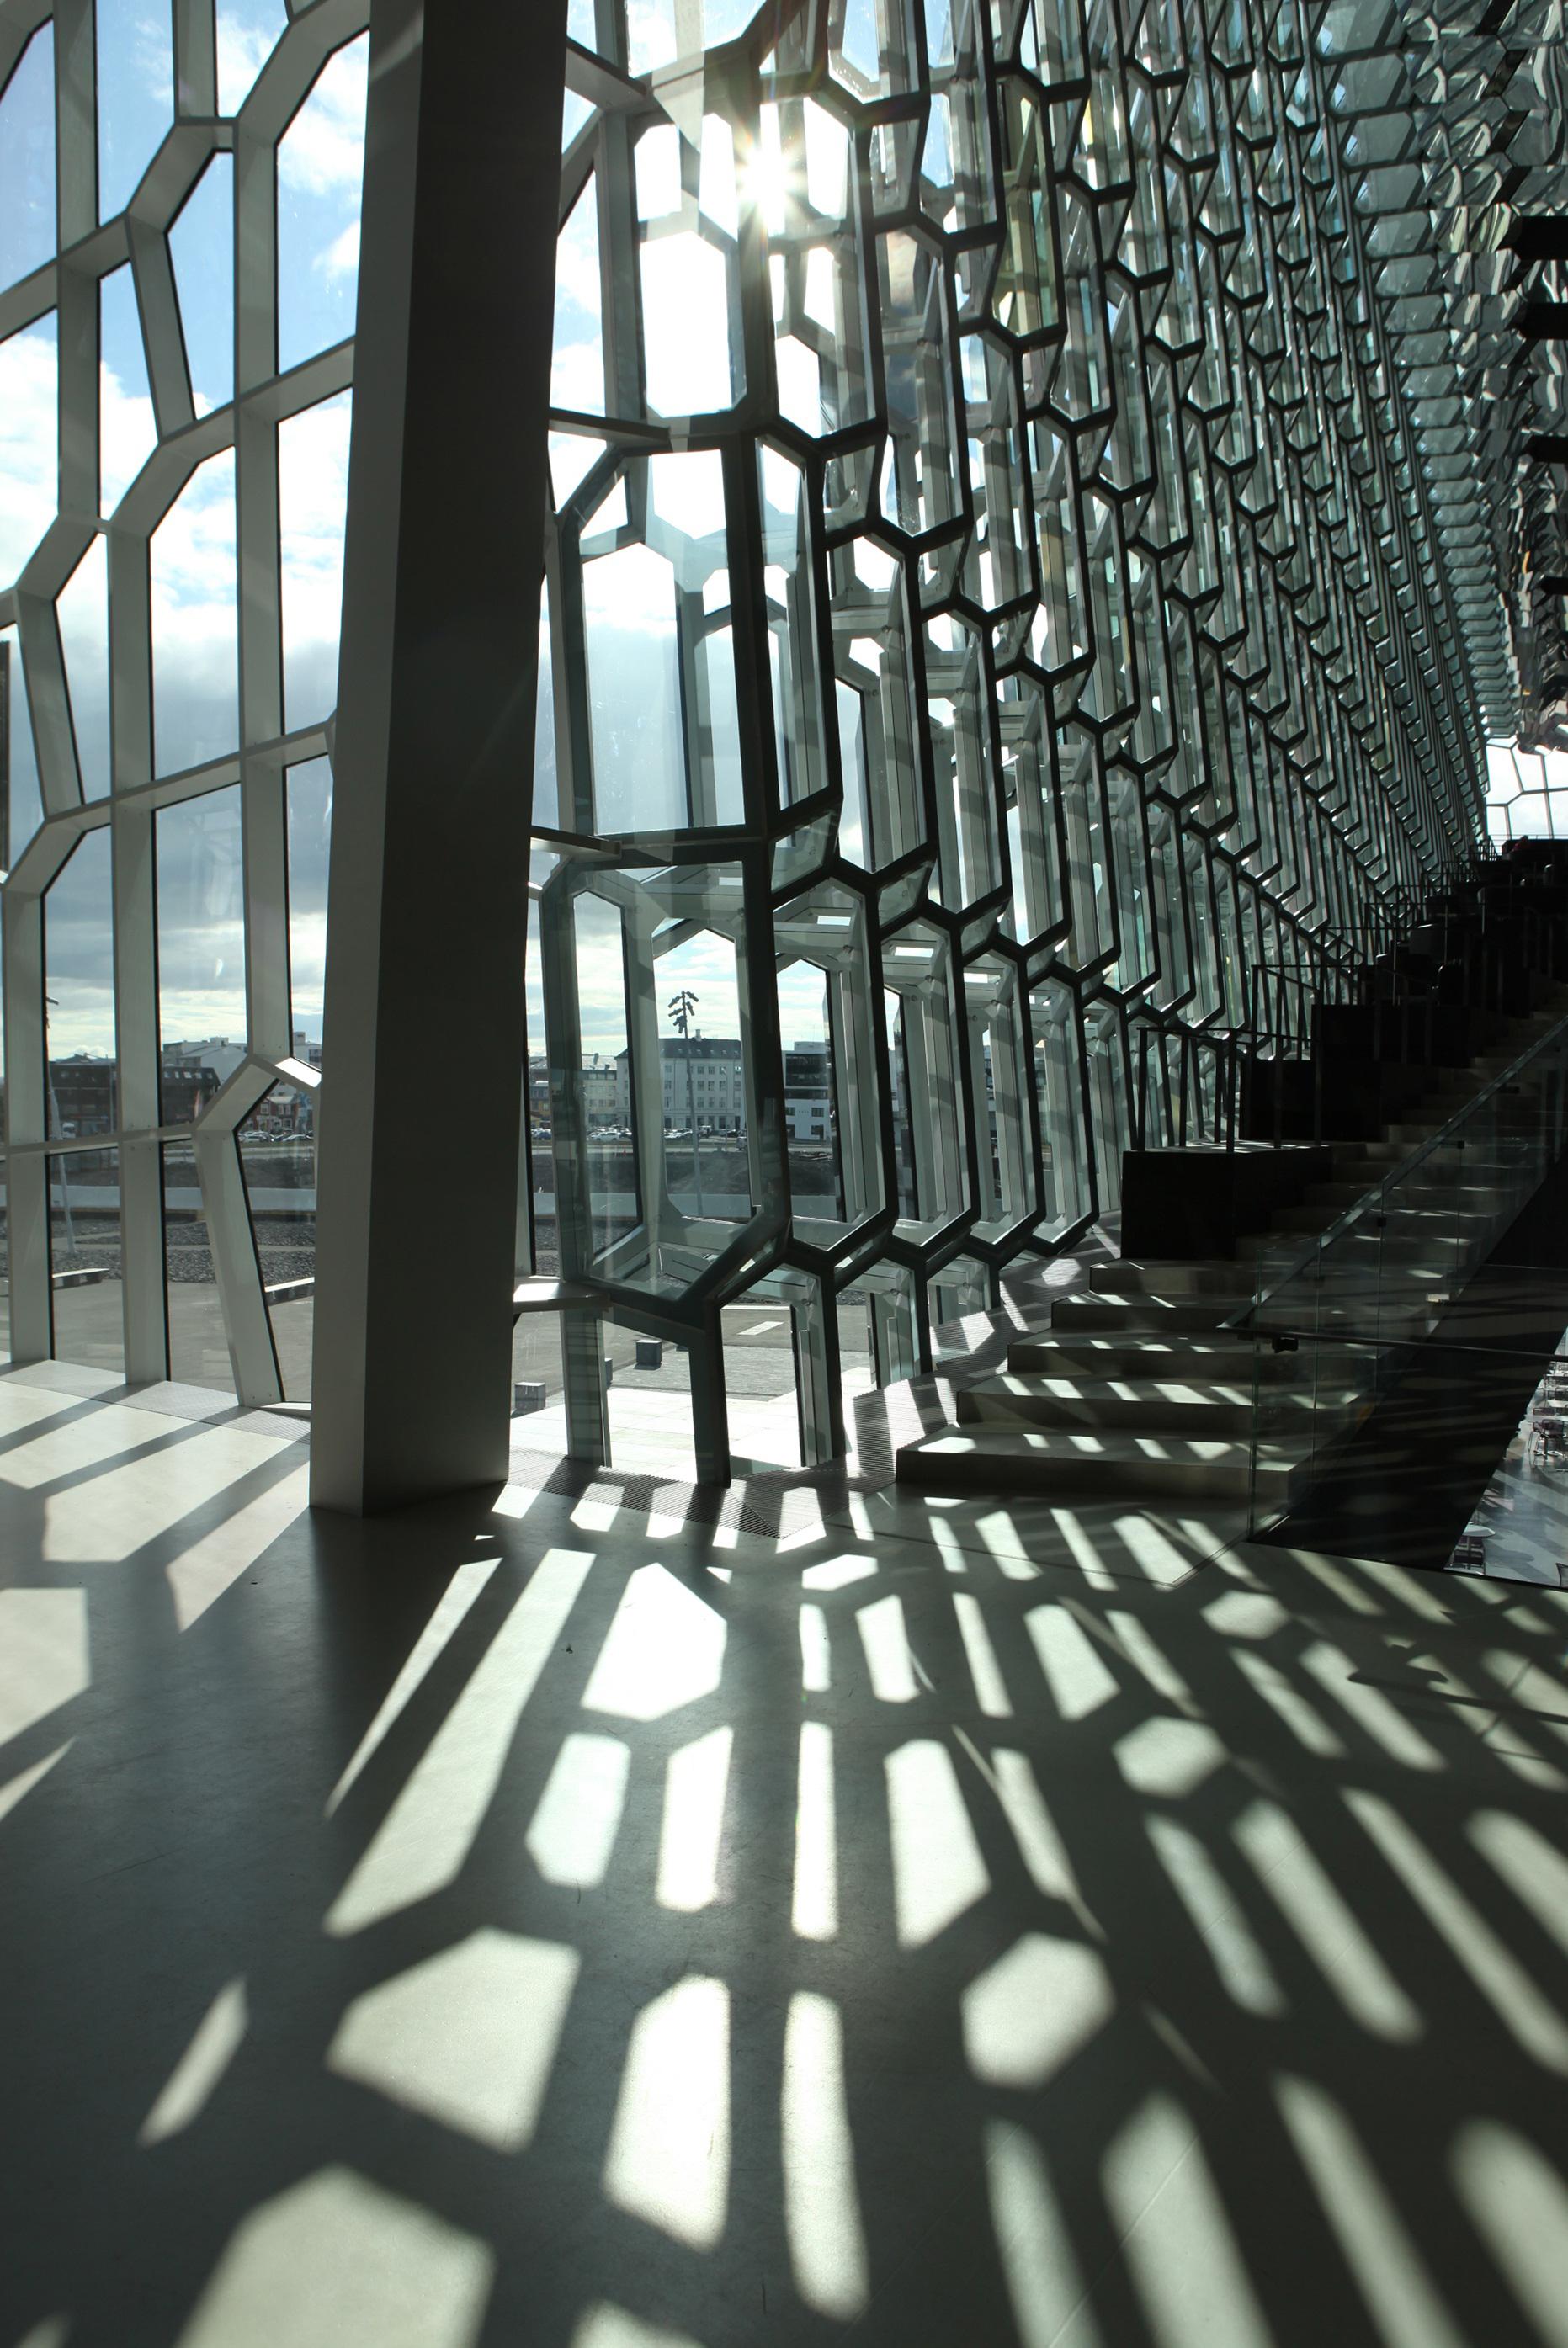 Iluminação da fachada do Harpa Concert Hall / Olafur Eliasson, © Studio Olafur Eliasson